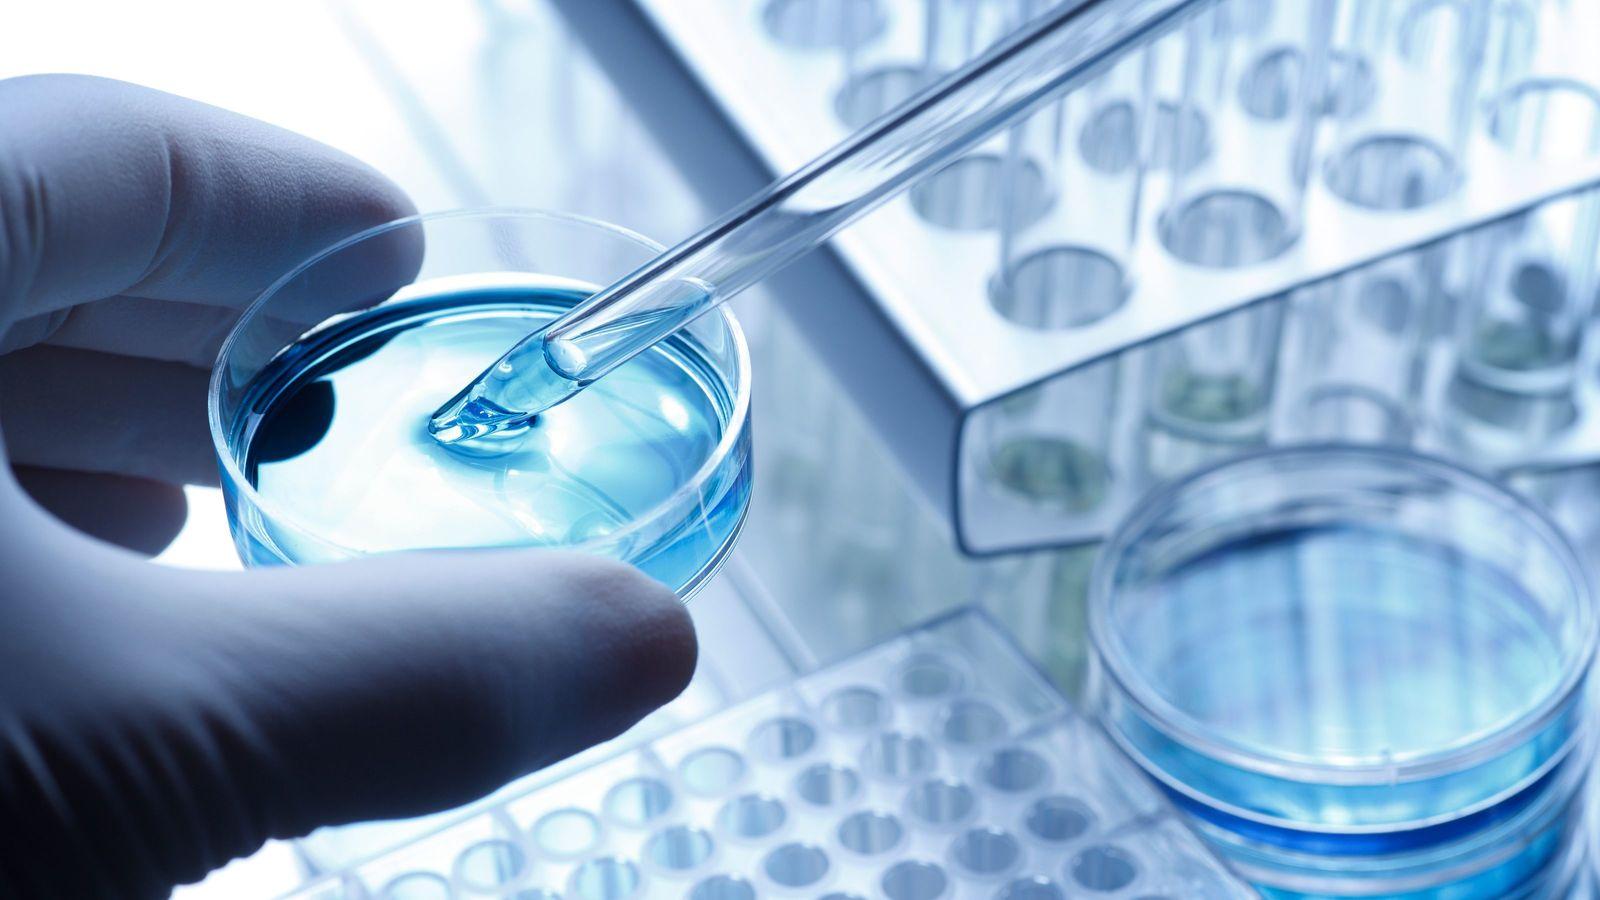 史上最年少の大学教授が狙う「多臓器一括再生」 26歳で「ミニ肝臓」の開発に成功